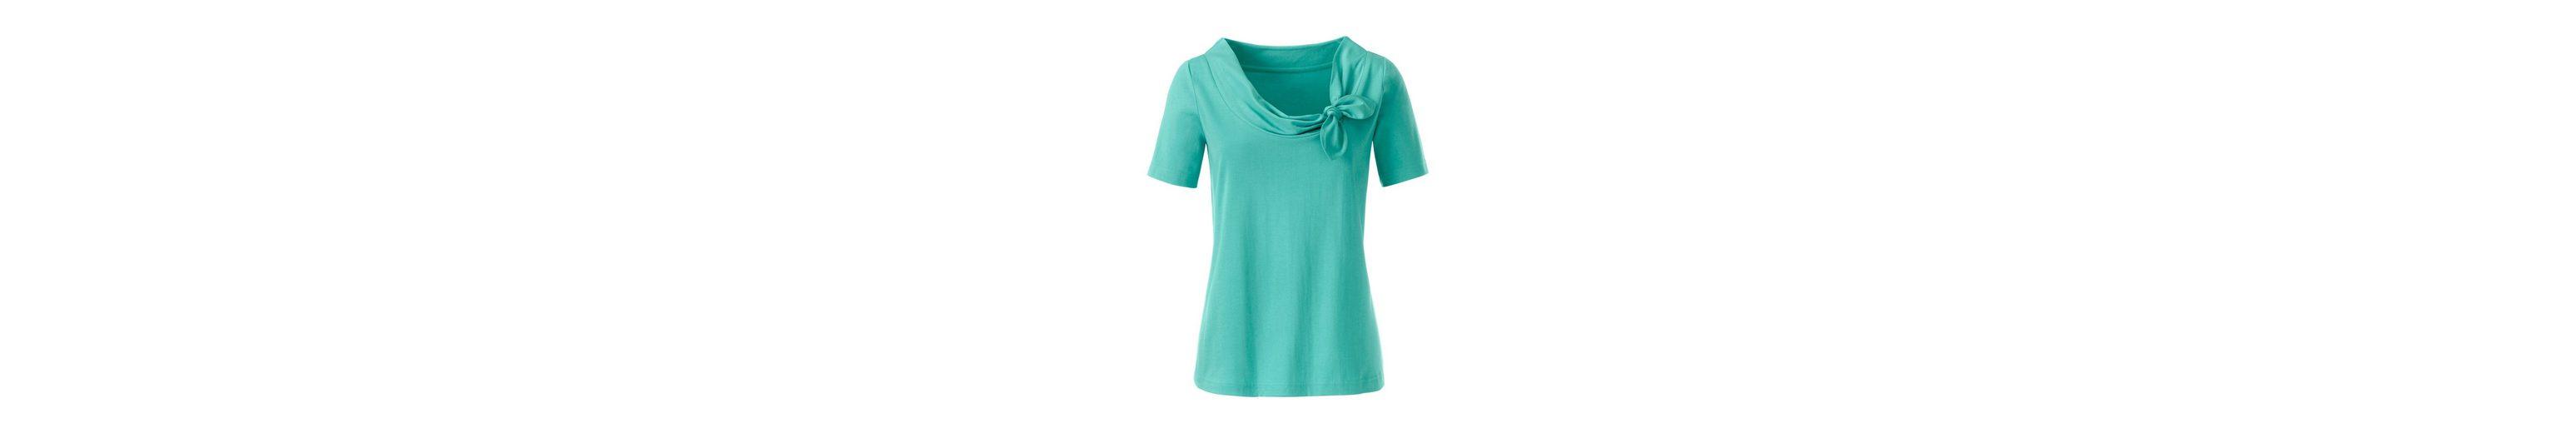 Basics Basics seitlichen Basics Classic mit mit Shirt seitlichen Schleife Classic Classic Schleife Shirt q816XX